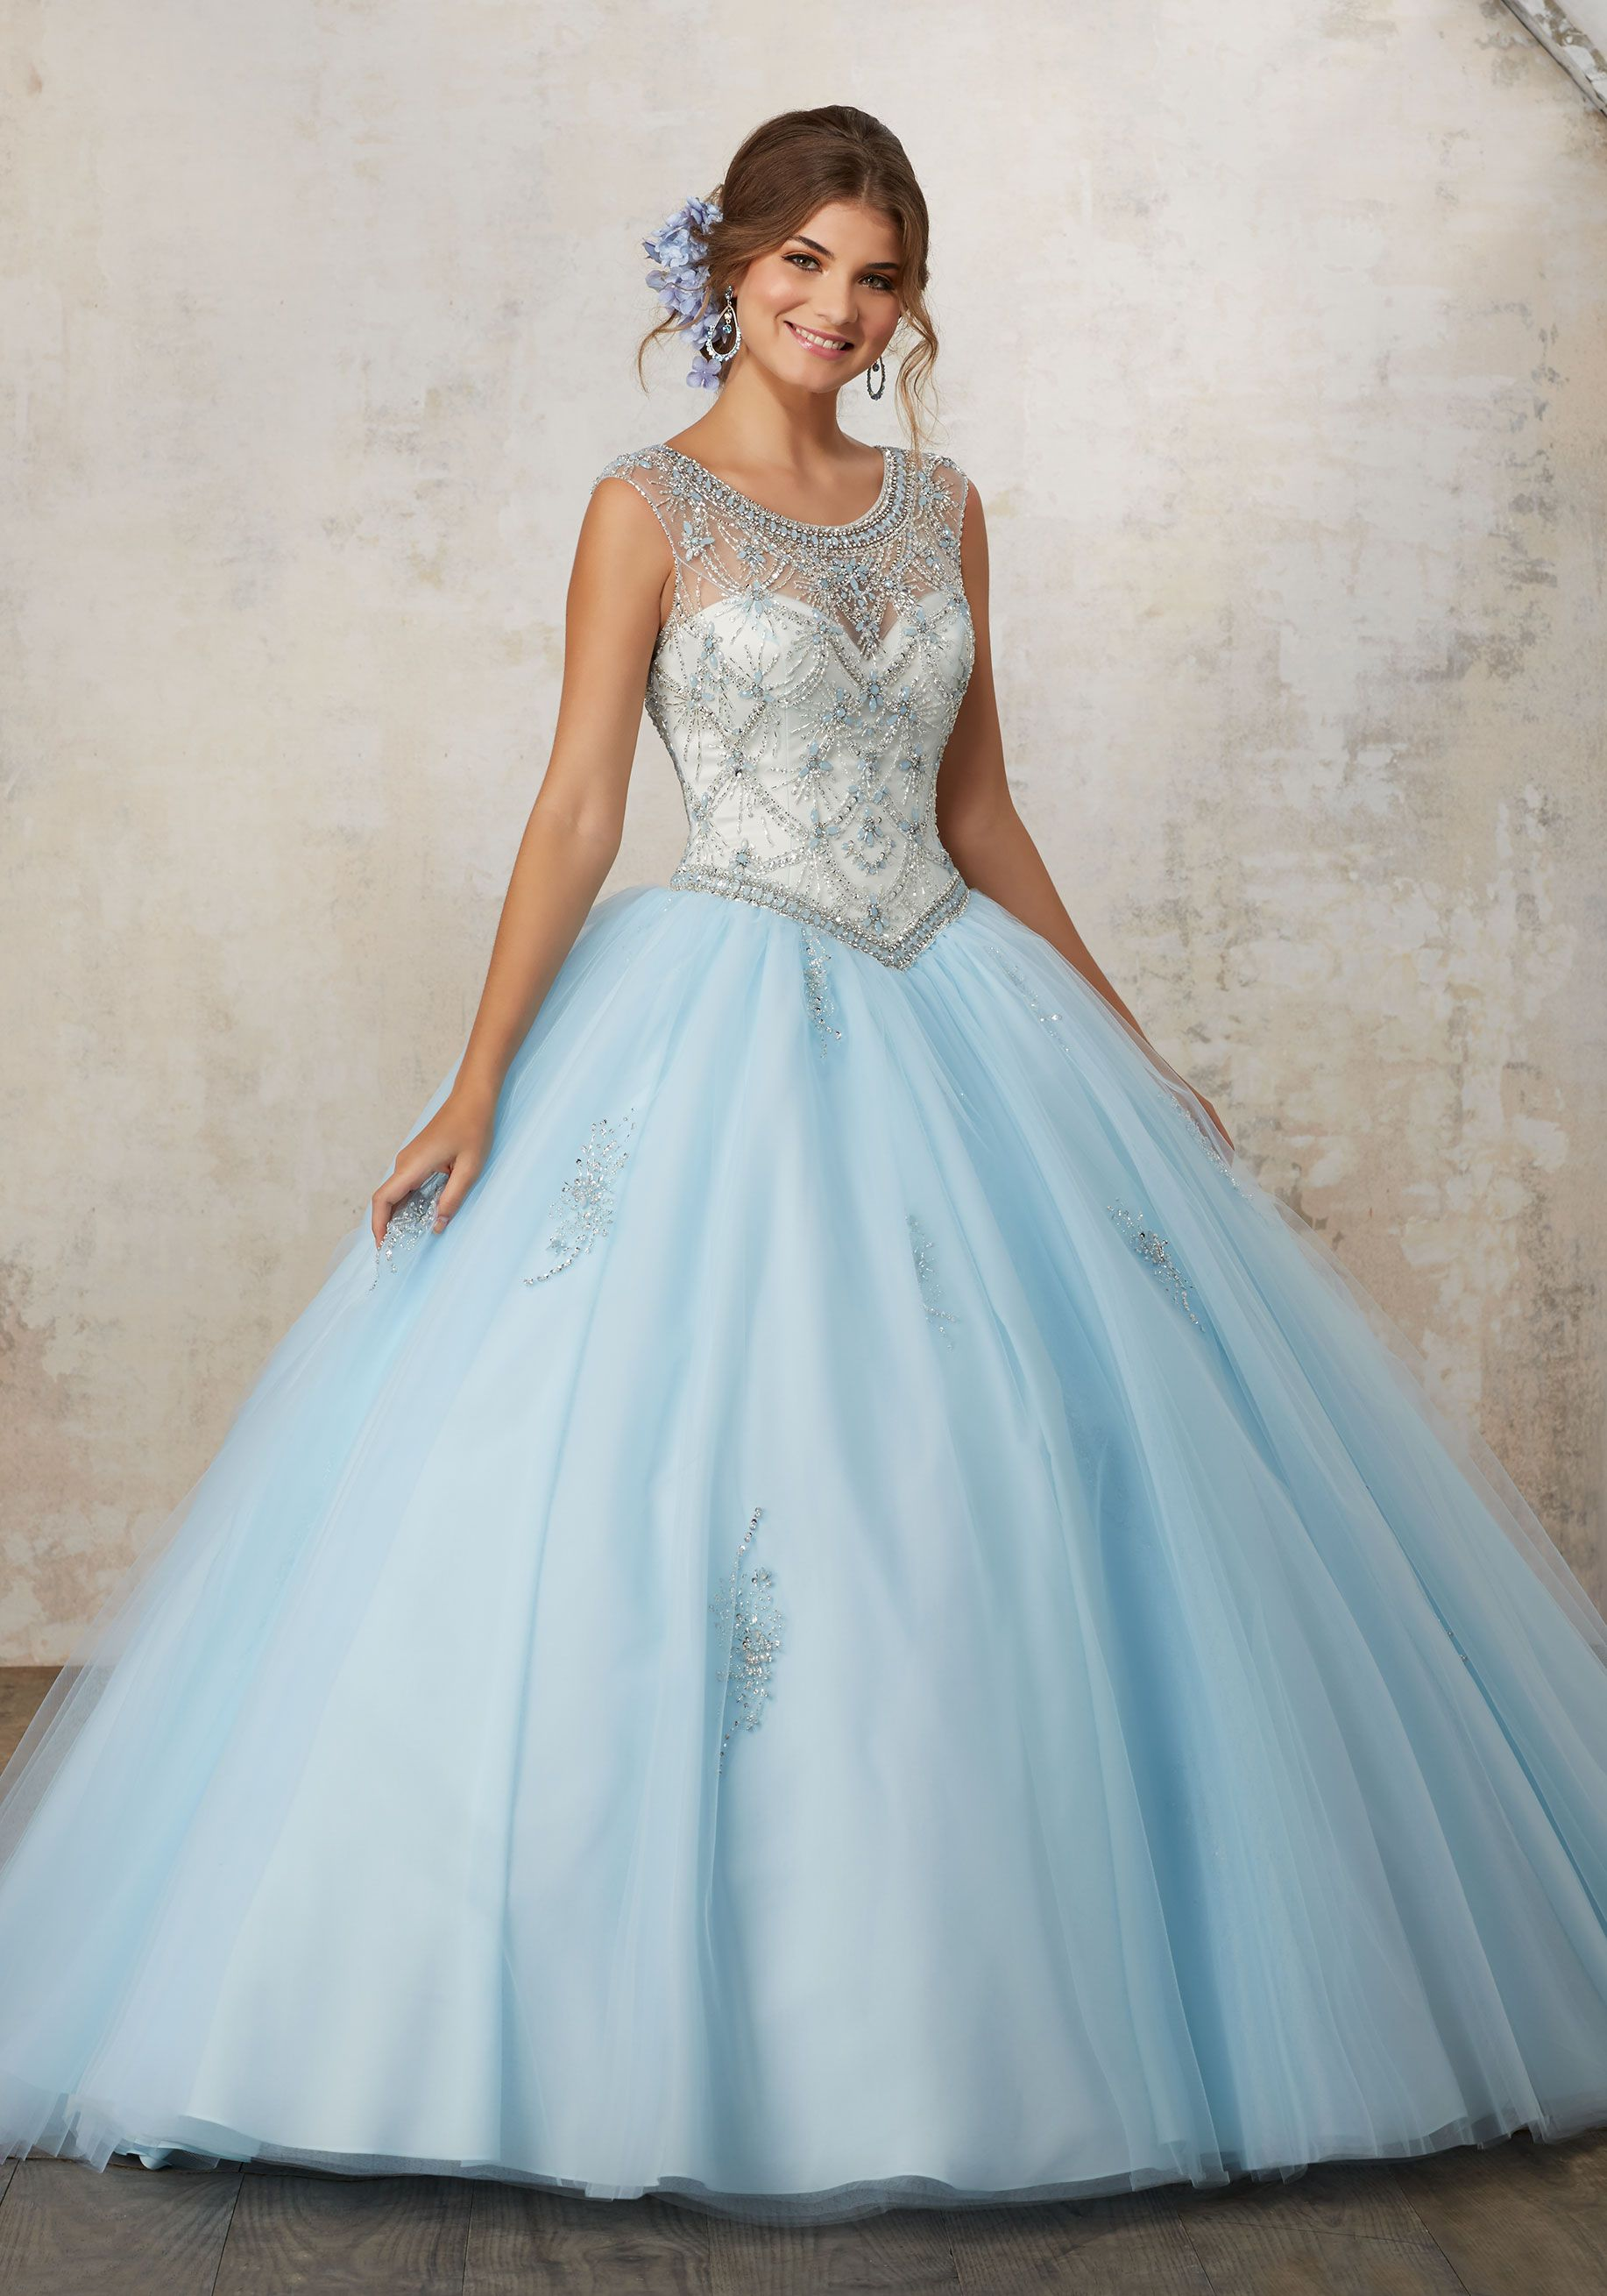 Tulle Quinceañera Dress Features a Beautiful Illusion Neckline ...